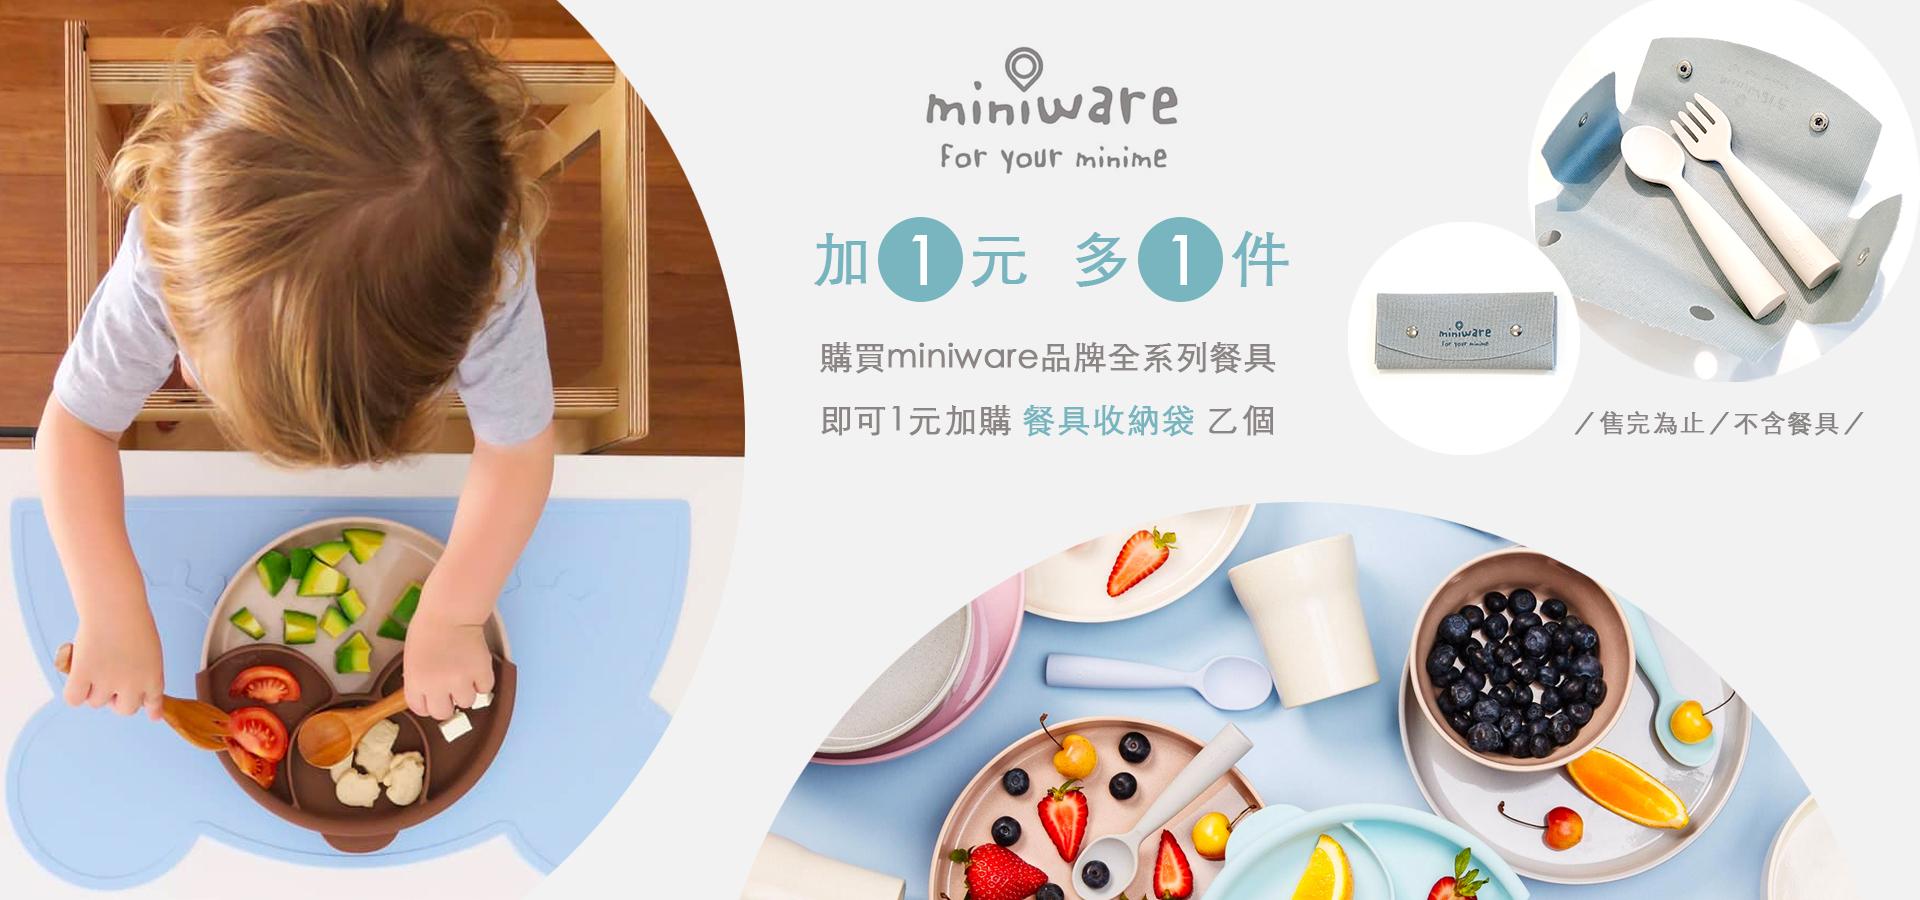 購買Miniware天然寶貝碗全系列任一款餐具即可以1元加購餐具收納袋乙個